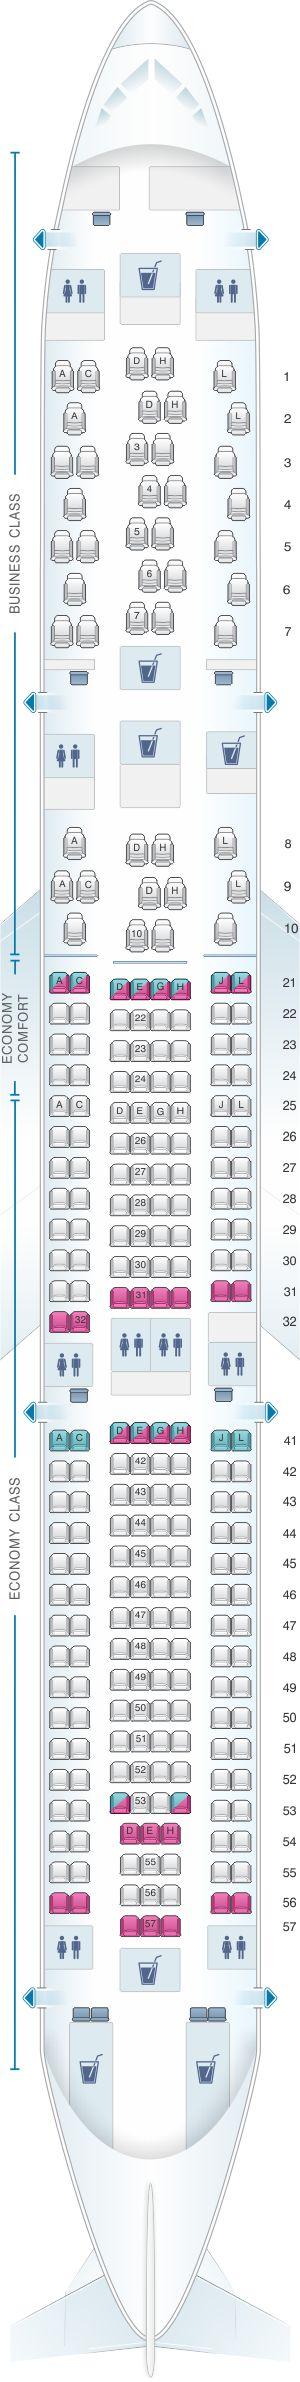 Seat Map Finnair Airbus A330 300 263PAX